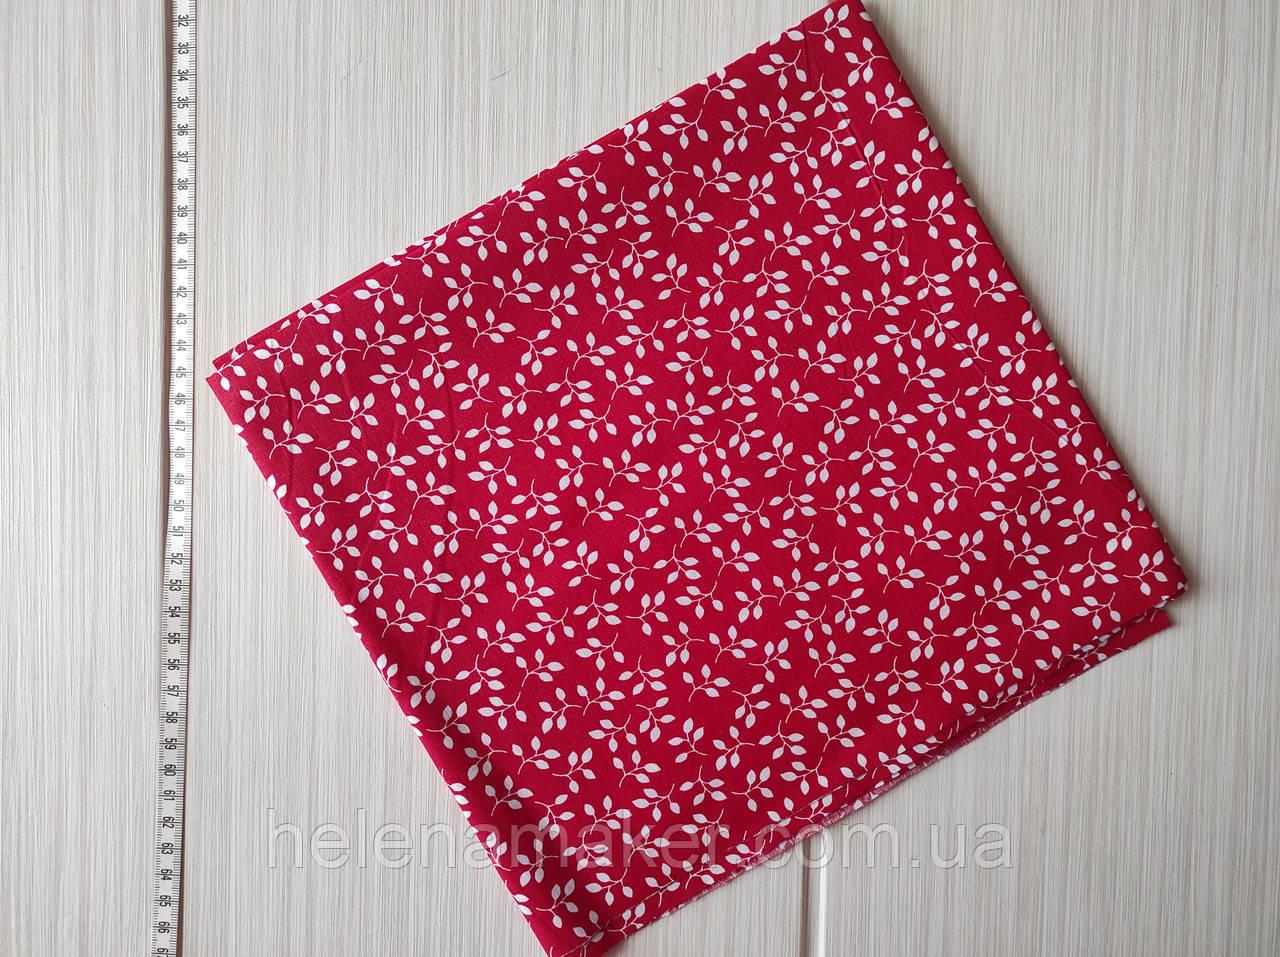 Отрез хлопковой ткани Мелкие белые веточки на красном фоне. Размер 50*50 см